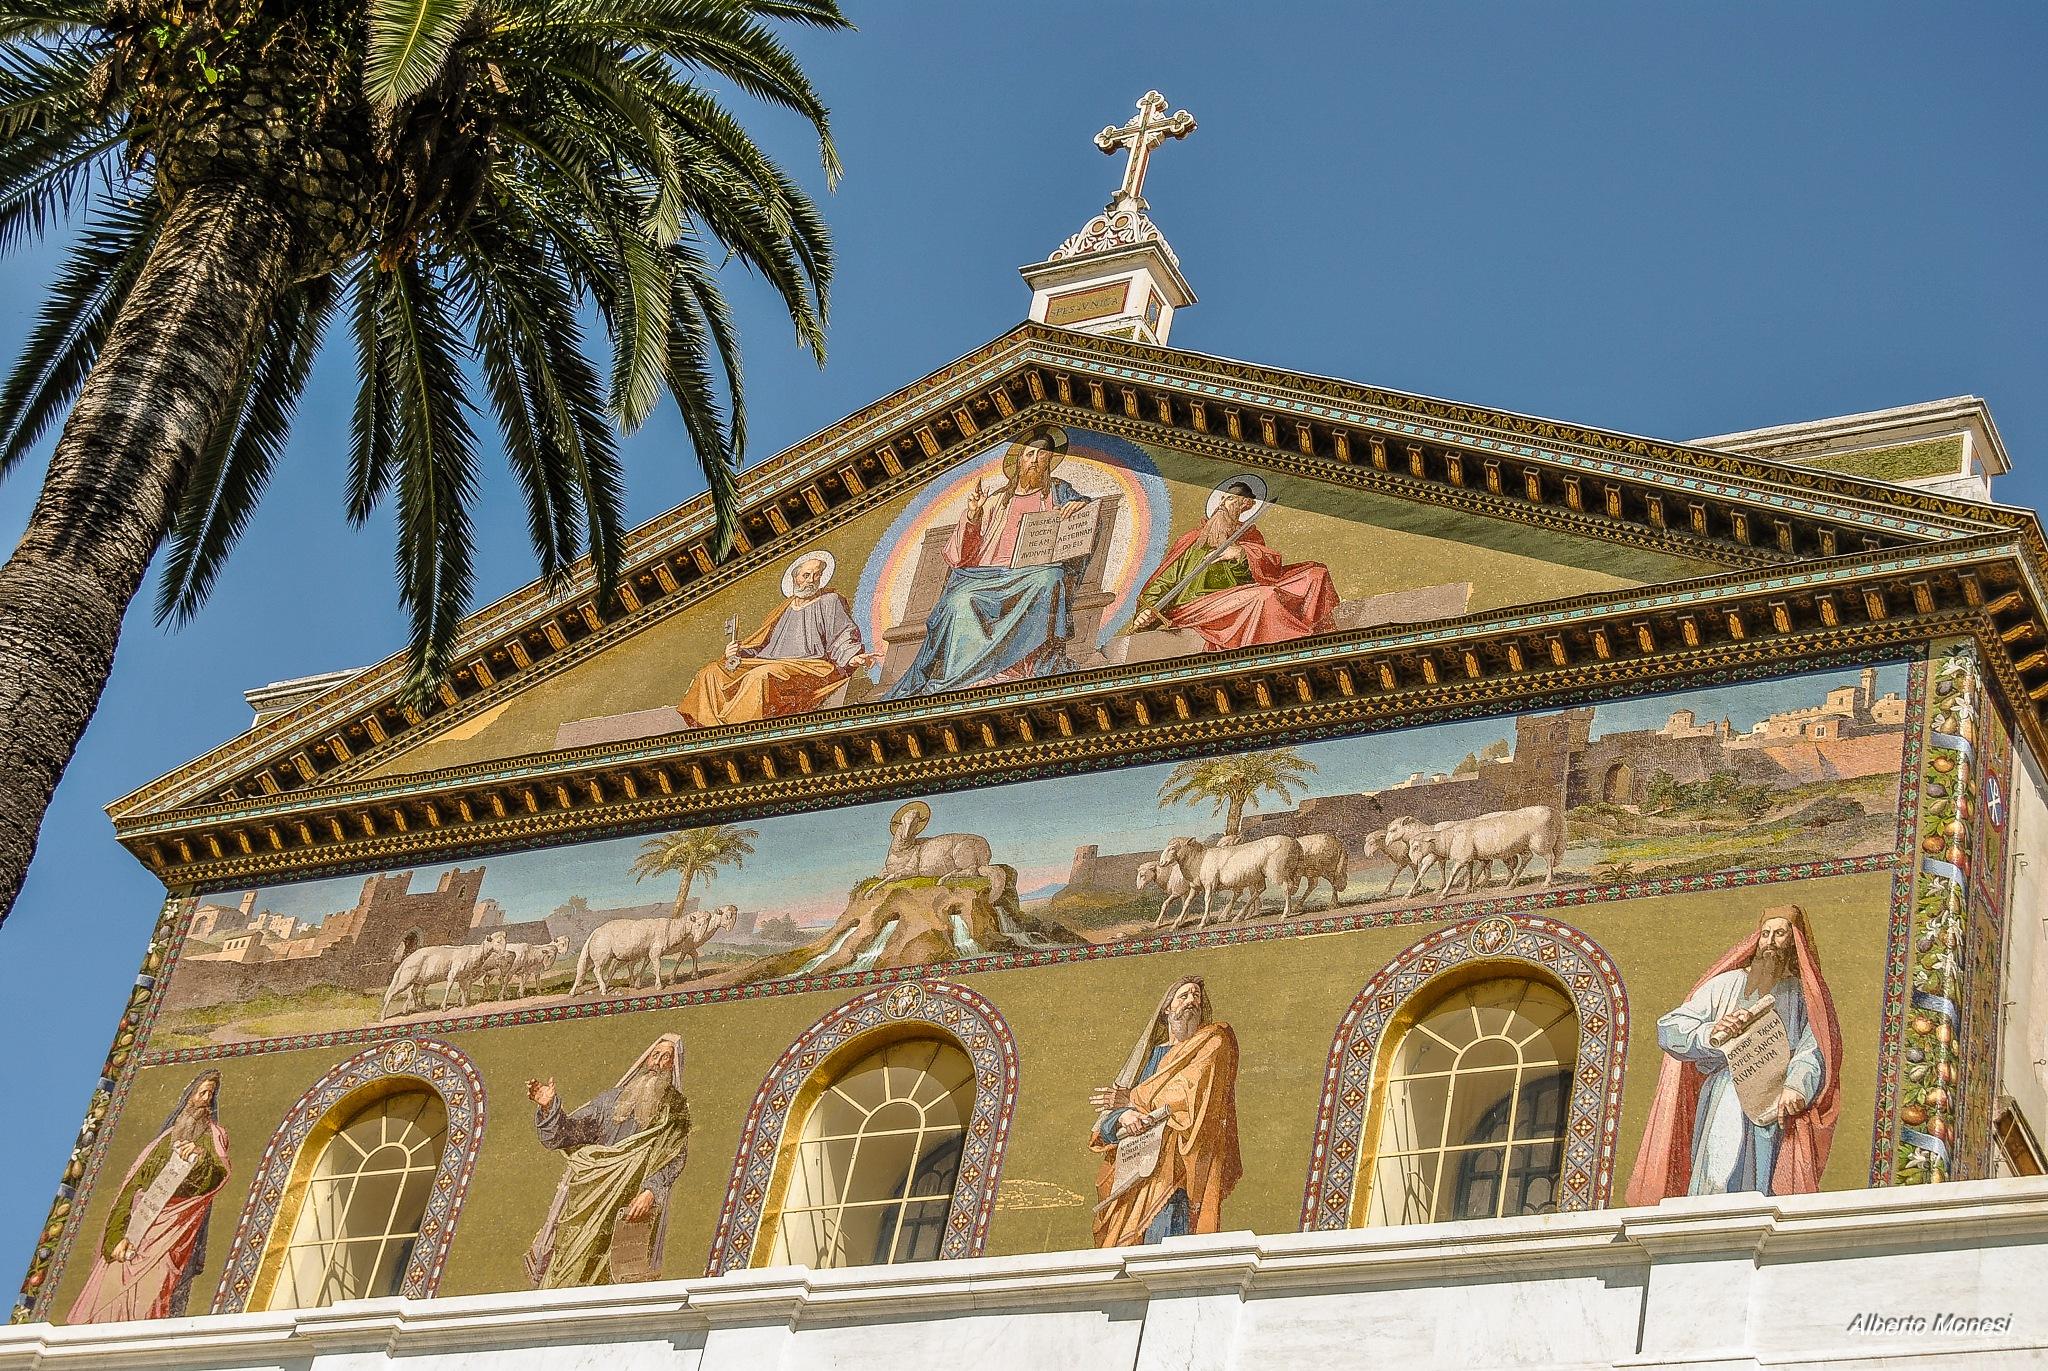 San Paolo fuori le mura by Alberto Monesi